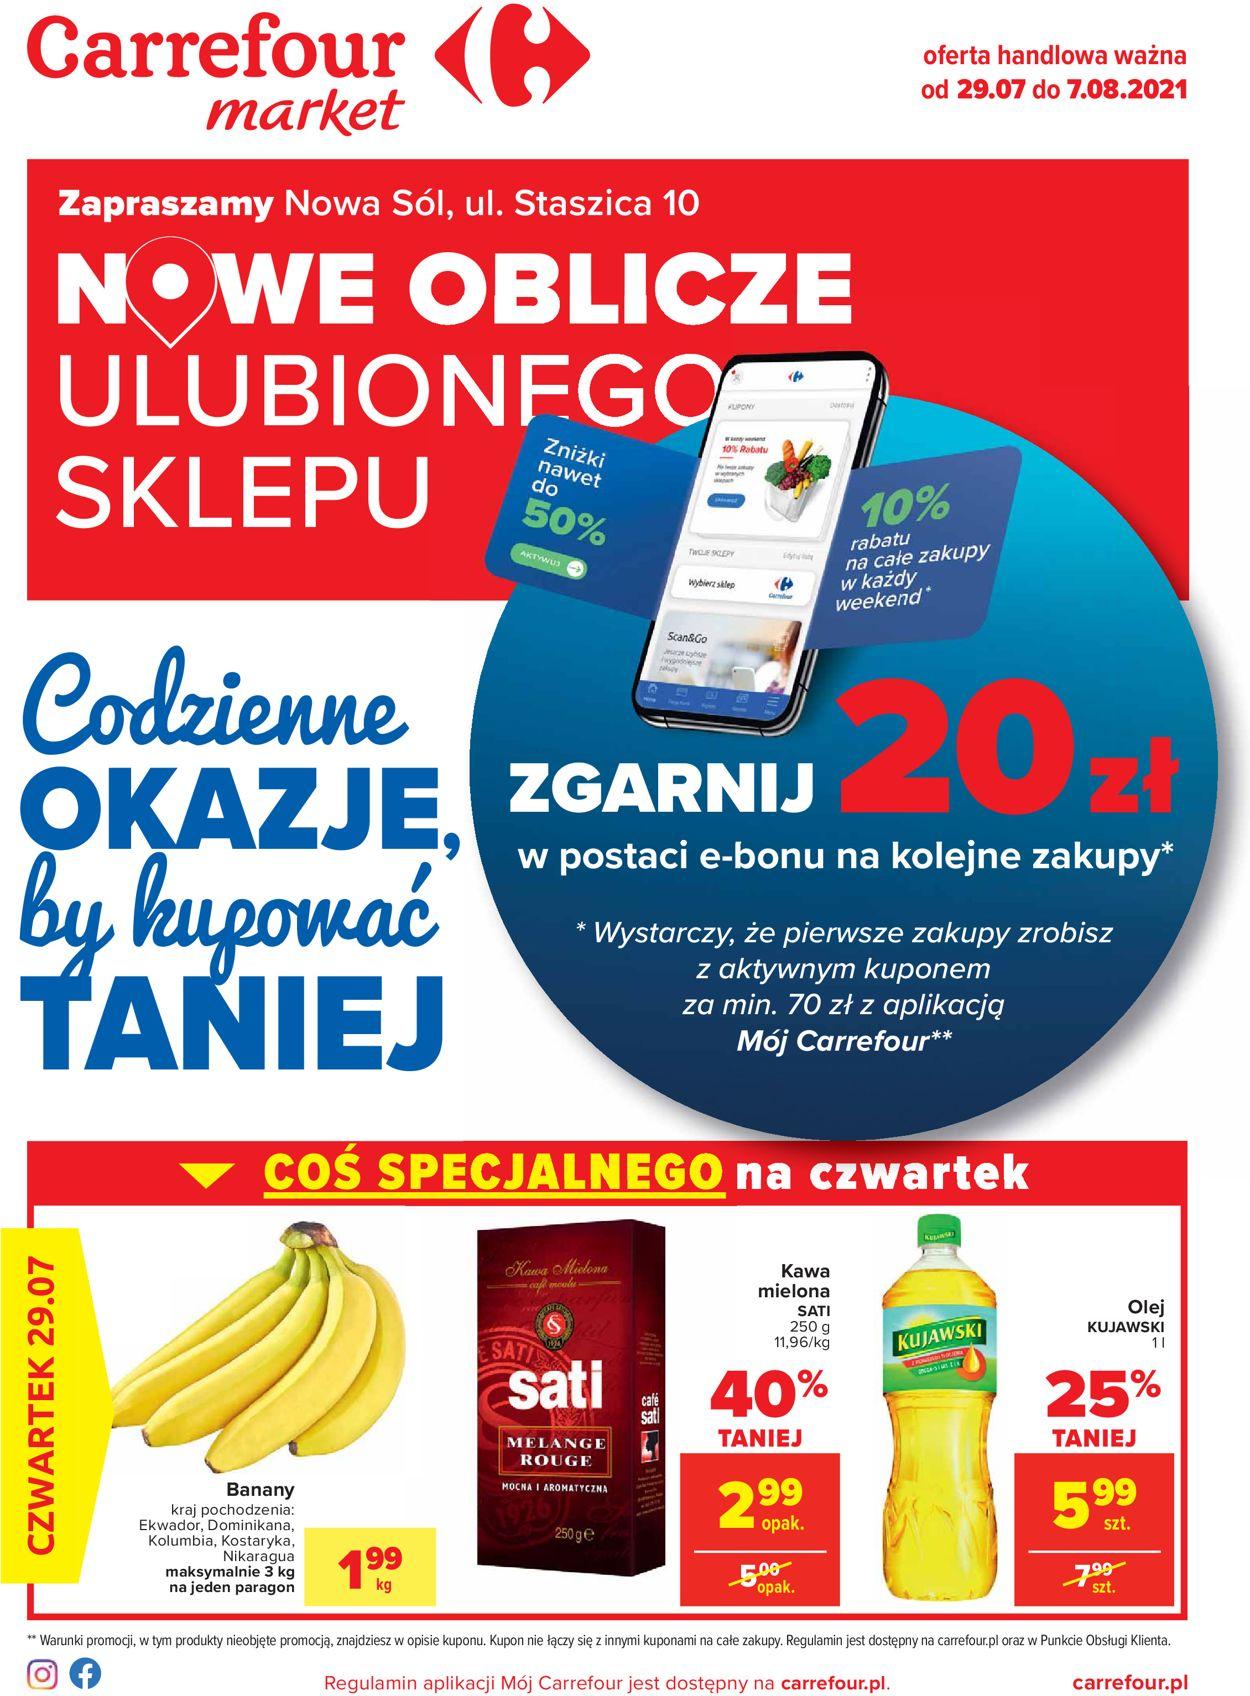 Gazetka promocyjna Carrefour - 29.07-07.08.2021